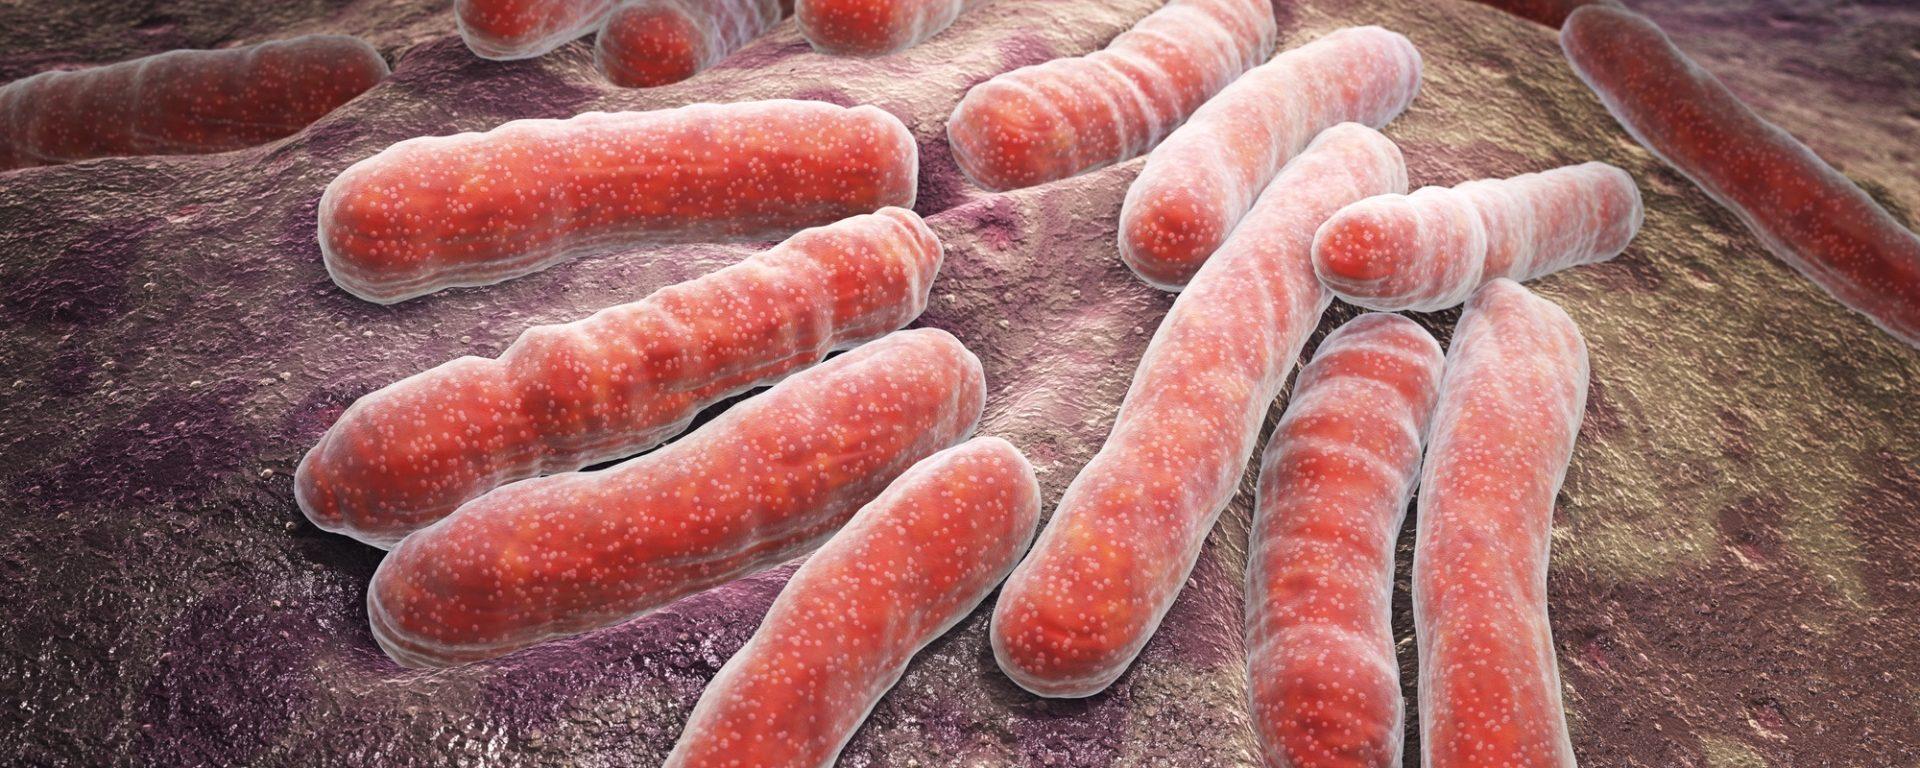 Tuberkulose – eine alte Krankheit wieder auf dem Vormarsch?